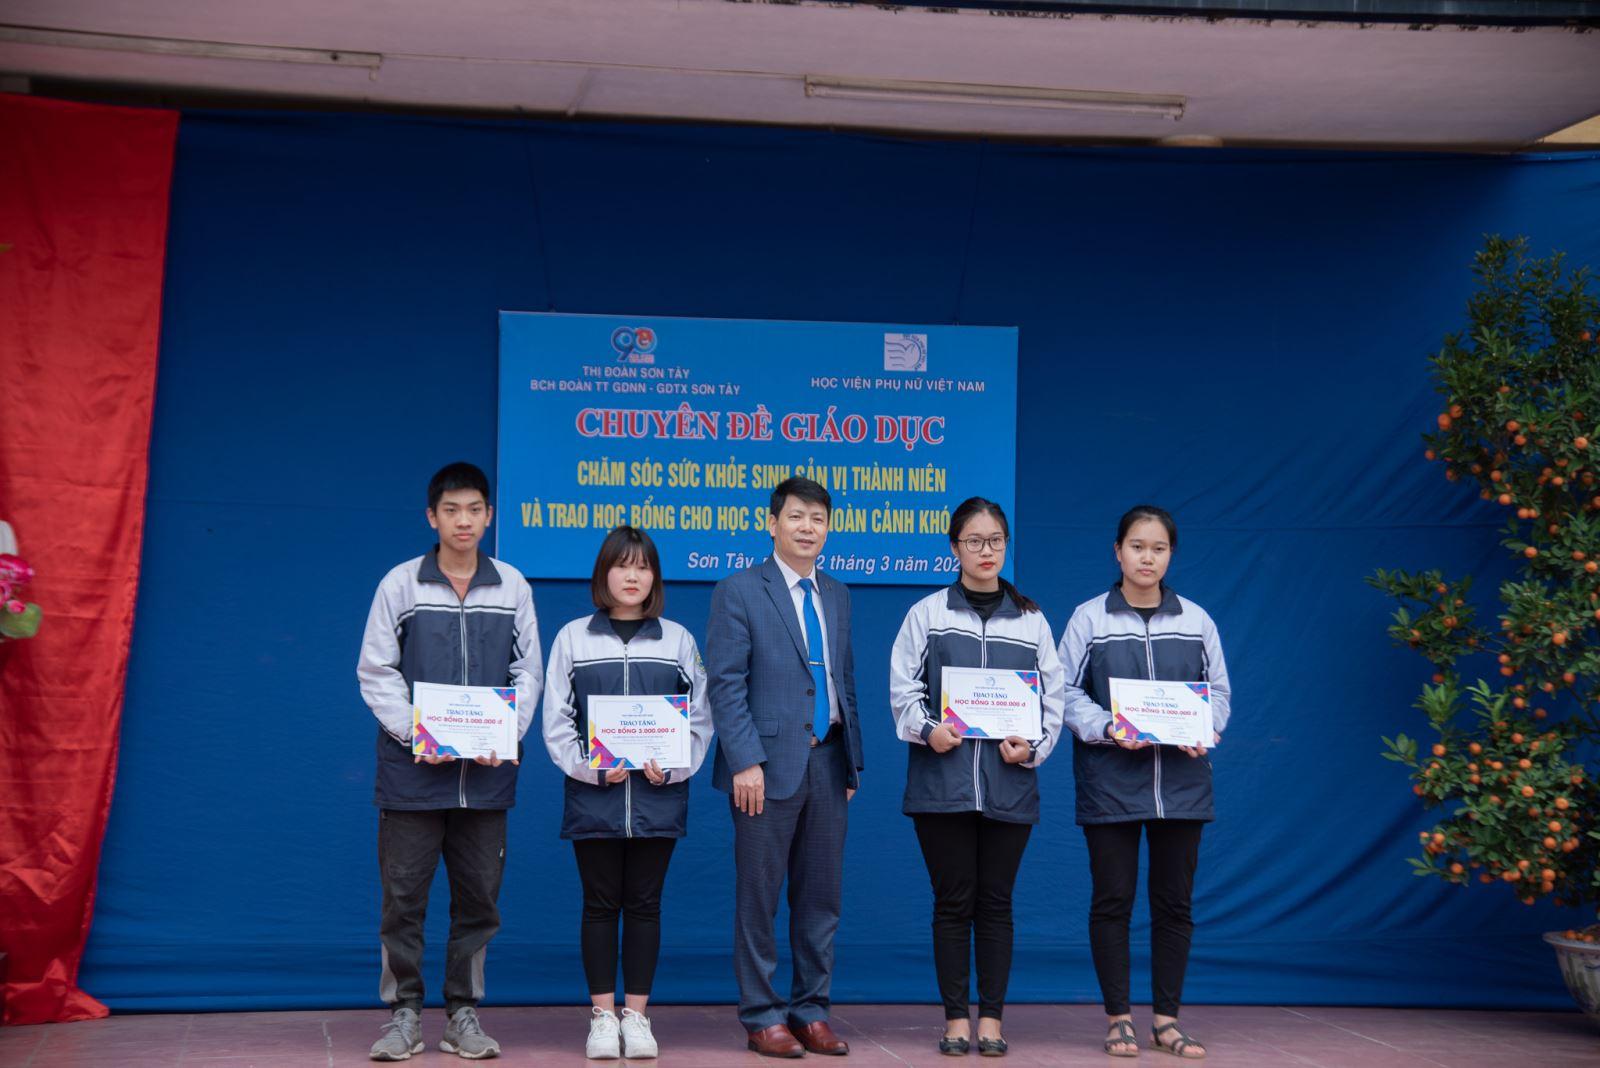 Hành trình hỗ trợ cộng đồng và tư vấn tuyển sinh năm 2021 của  Học viện Phụ nữ Việt Nam